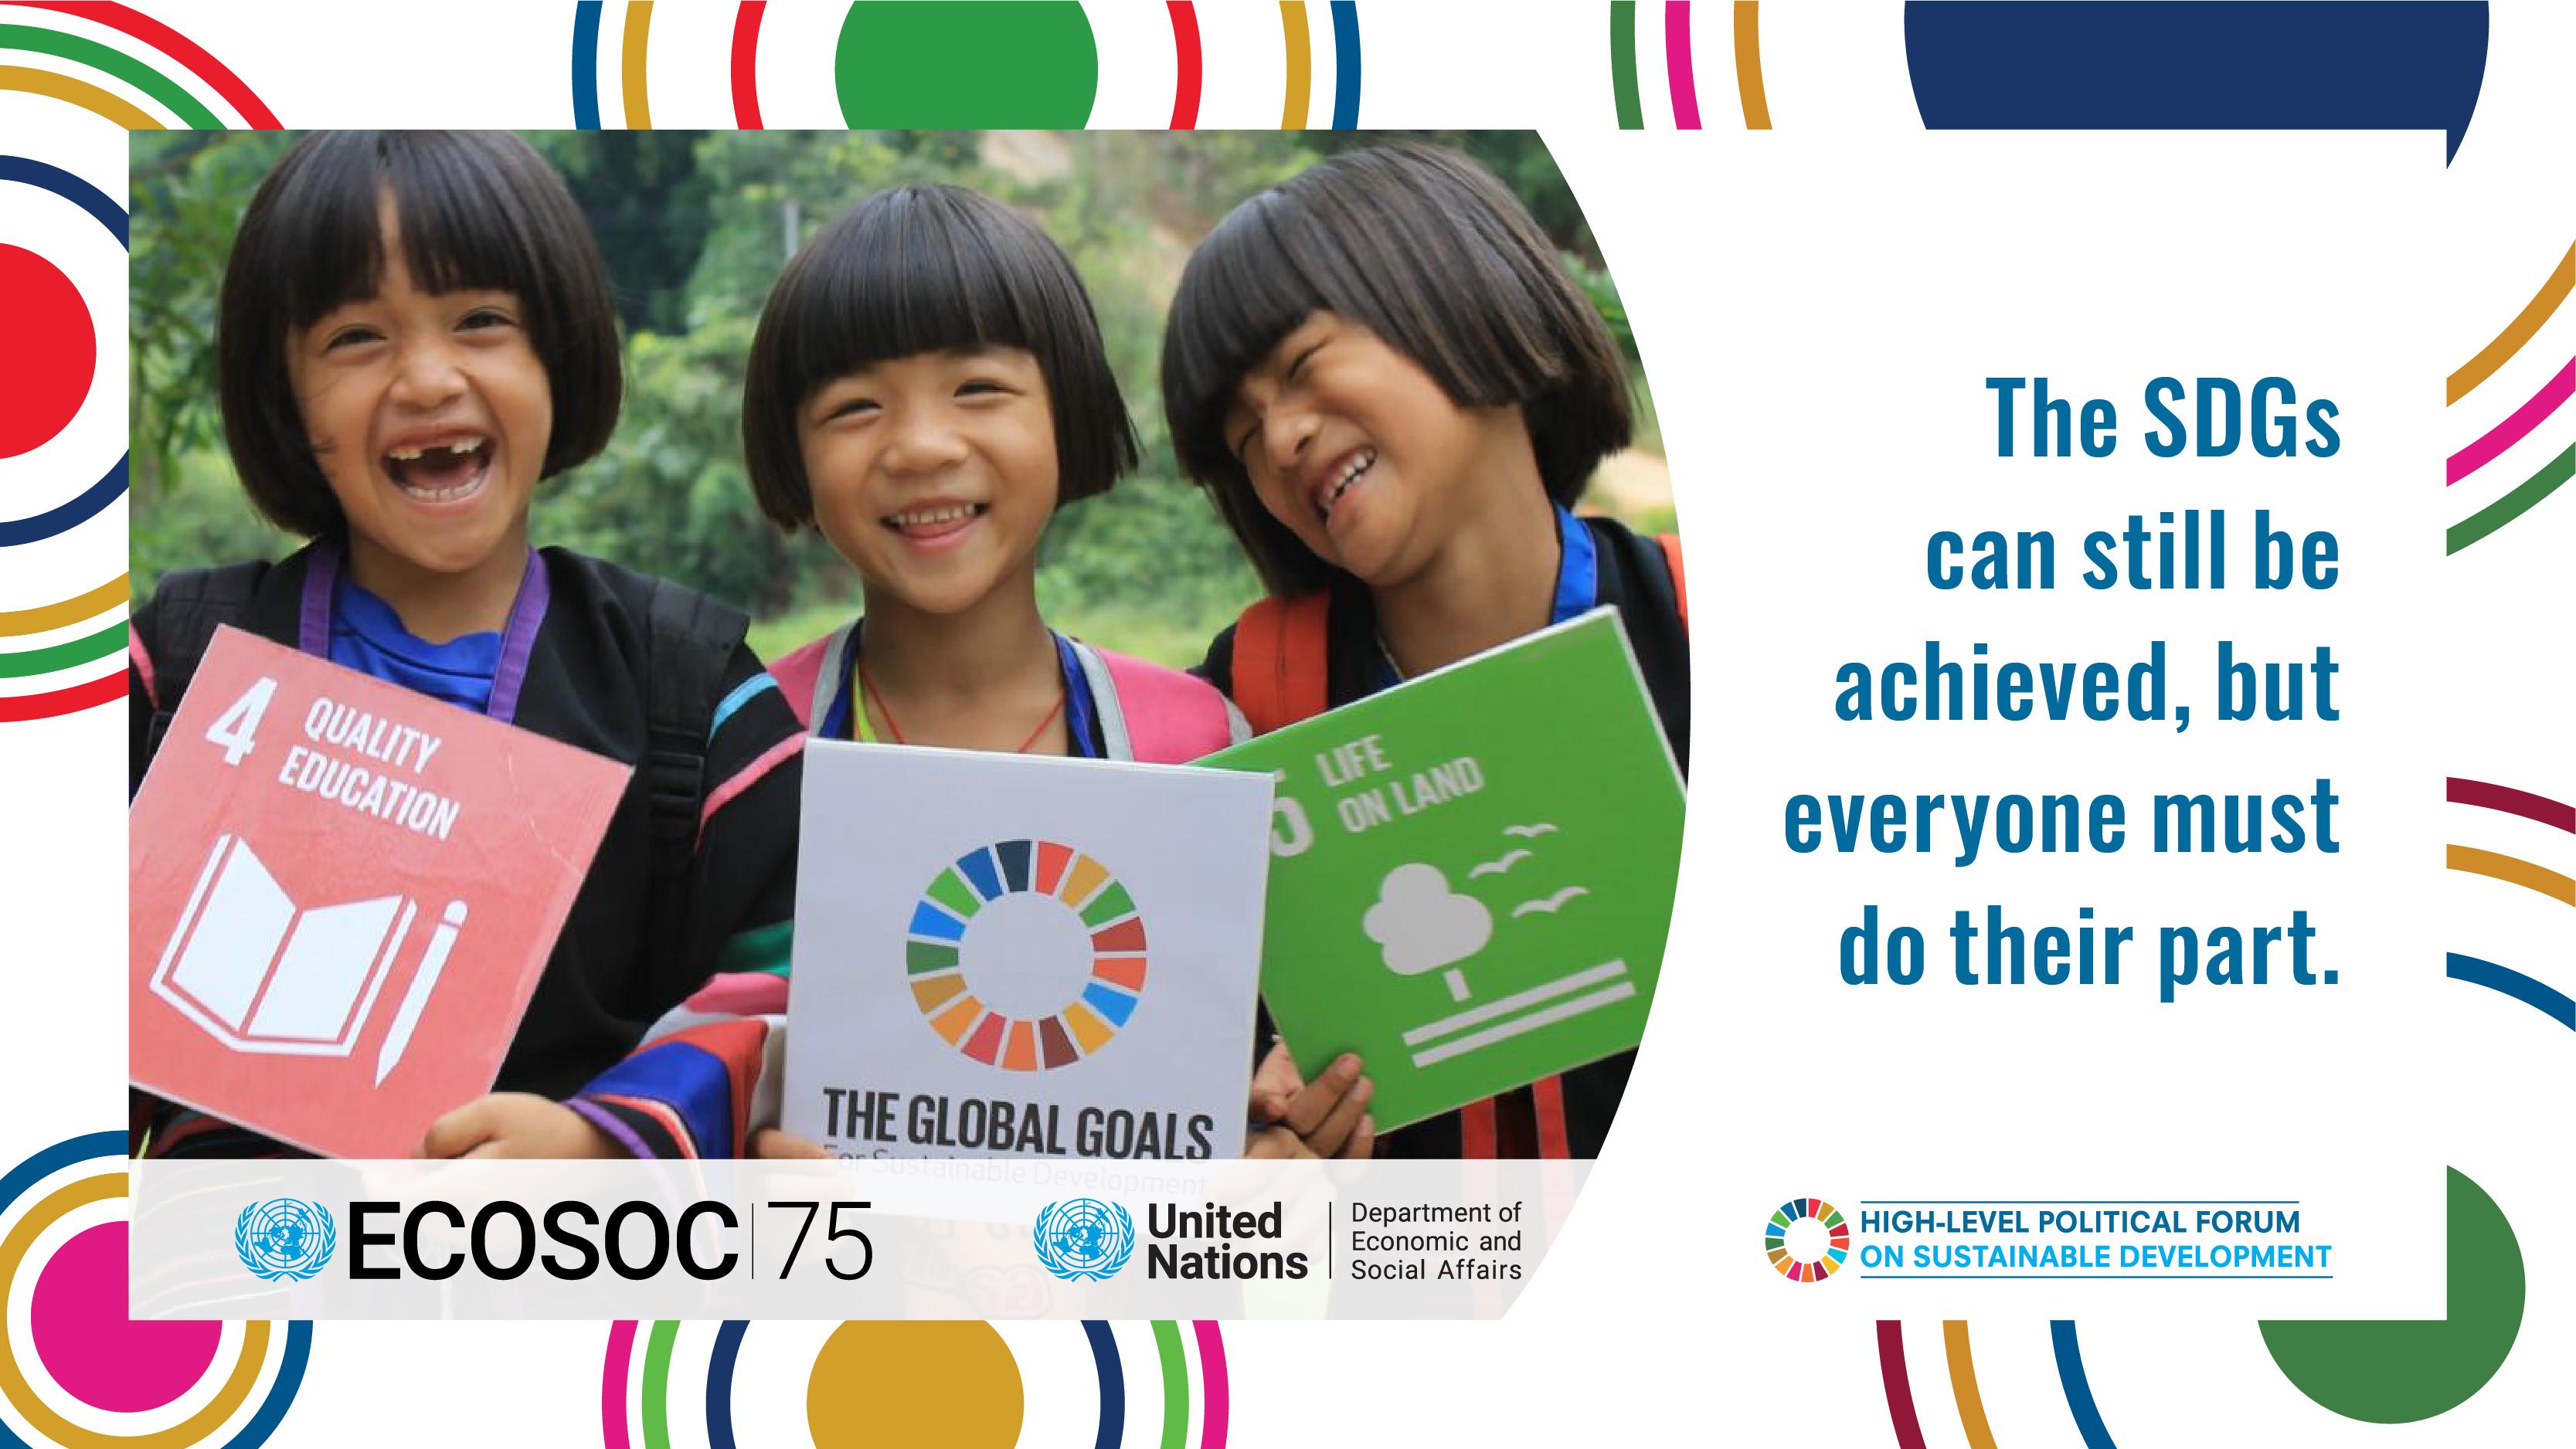 Rapport sur les Objectifs de Développement Durable 2021: Les 18 prochains mois seront determinants pour inverser les impacts de la pandémie